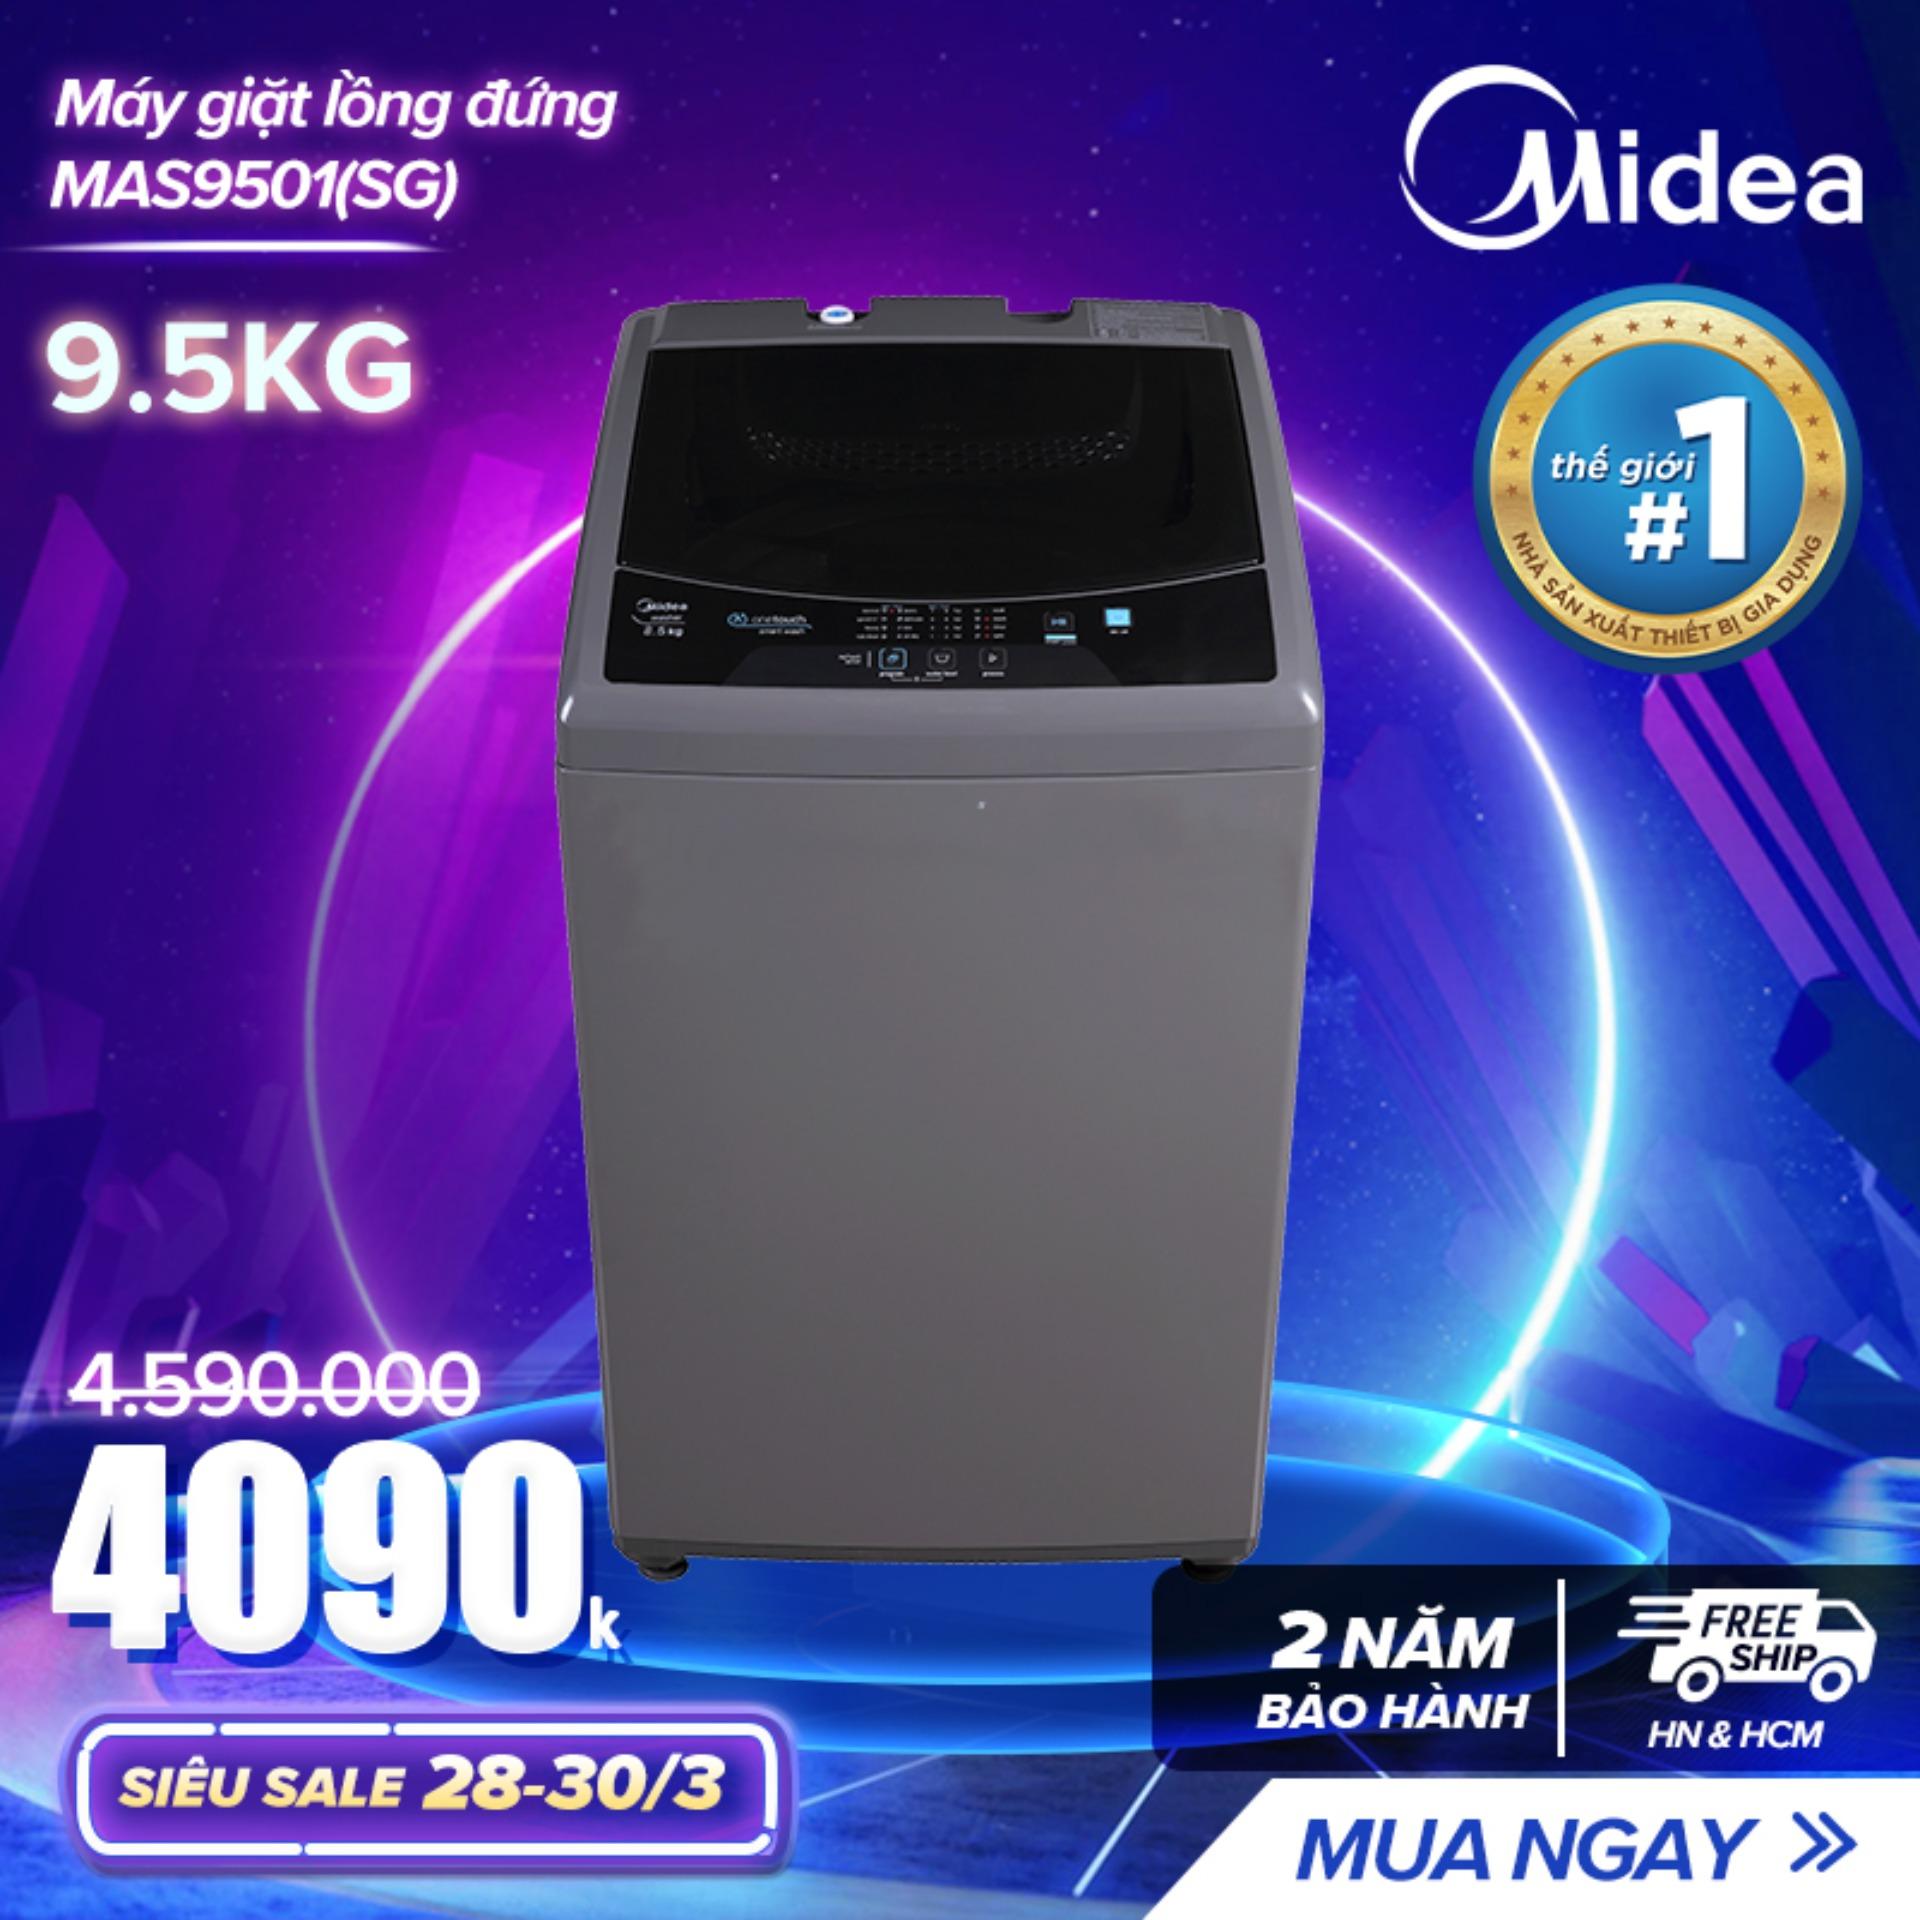 Bảng giá Máy giặt lồng đứng 9.5kg - (Thiết kế cao cấp - Sấy gió - Điều khiển tự động) Màu Trắng/ Xám Bạc Tự Chọn - Hàng Phân Phối Chính Hãng Bảo Hành 2 Năm Điện máy Pico